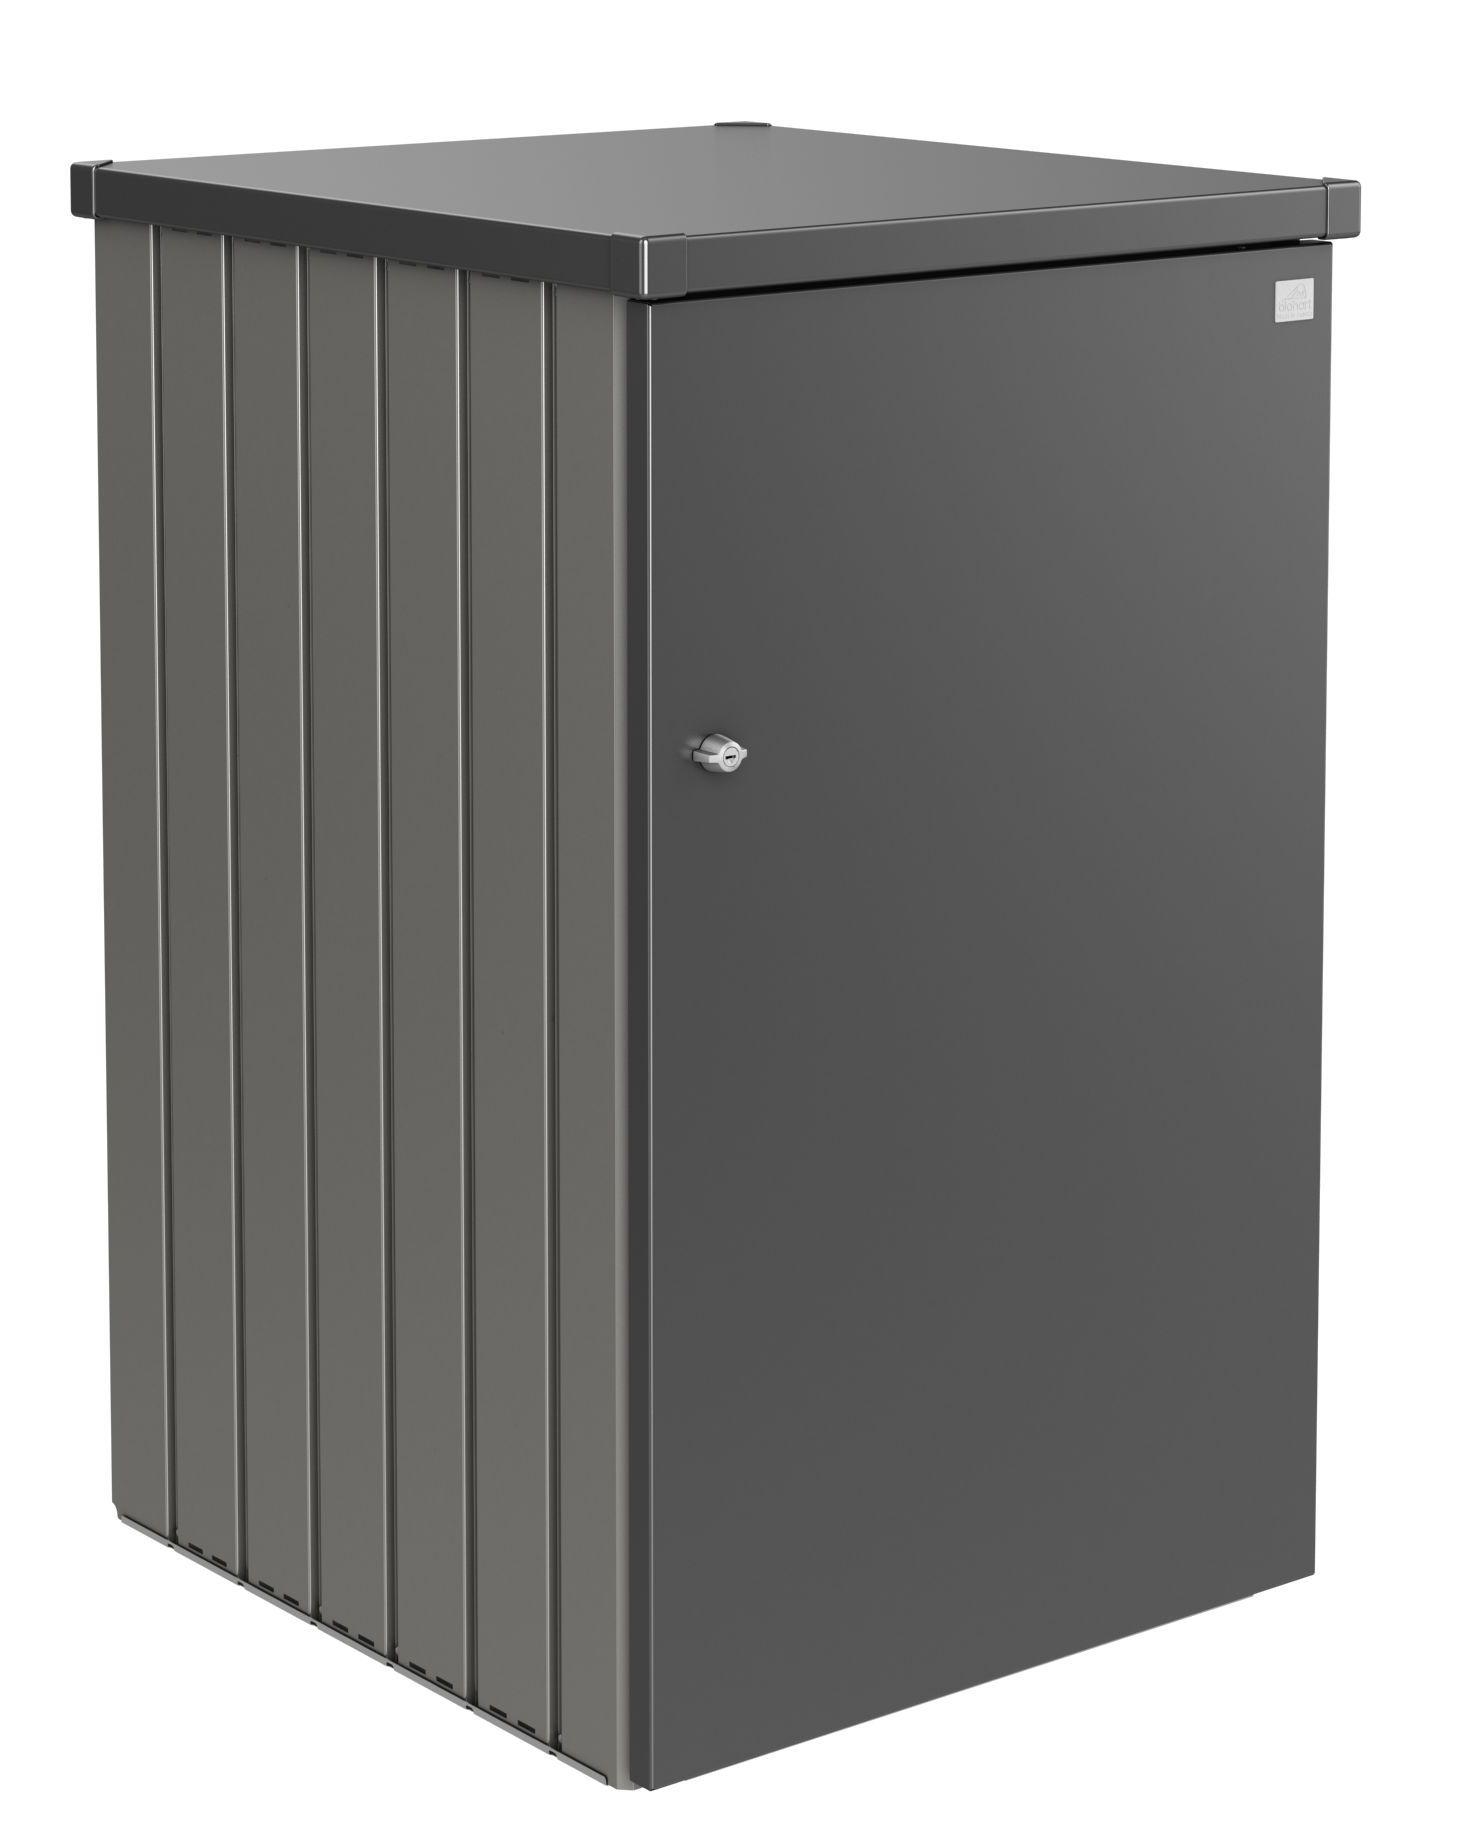 Biohort Box na popelnici Alex 2.3, šedý křemen metalíza/tmavě šedá metalíza